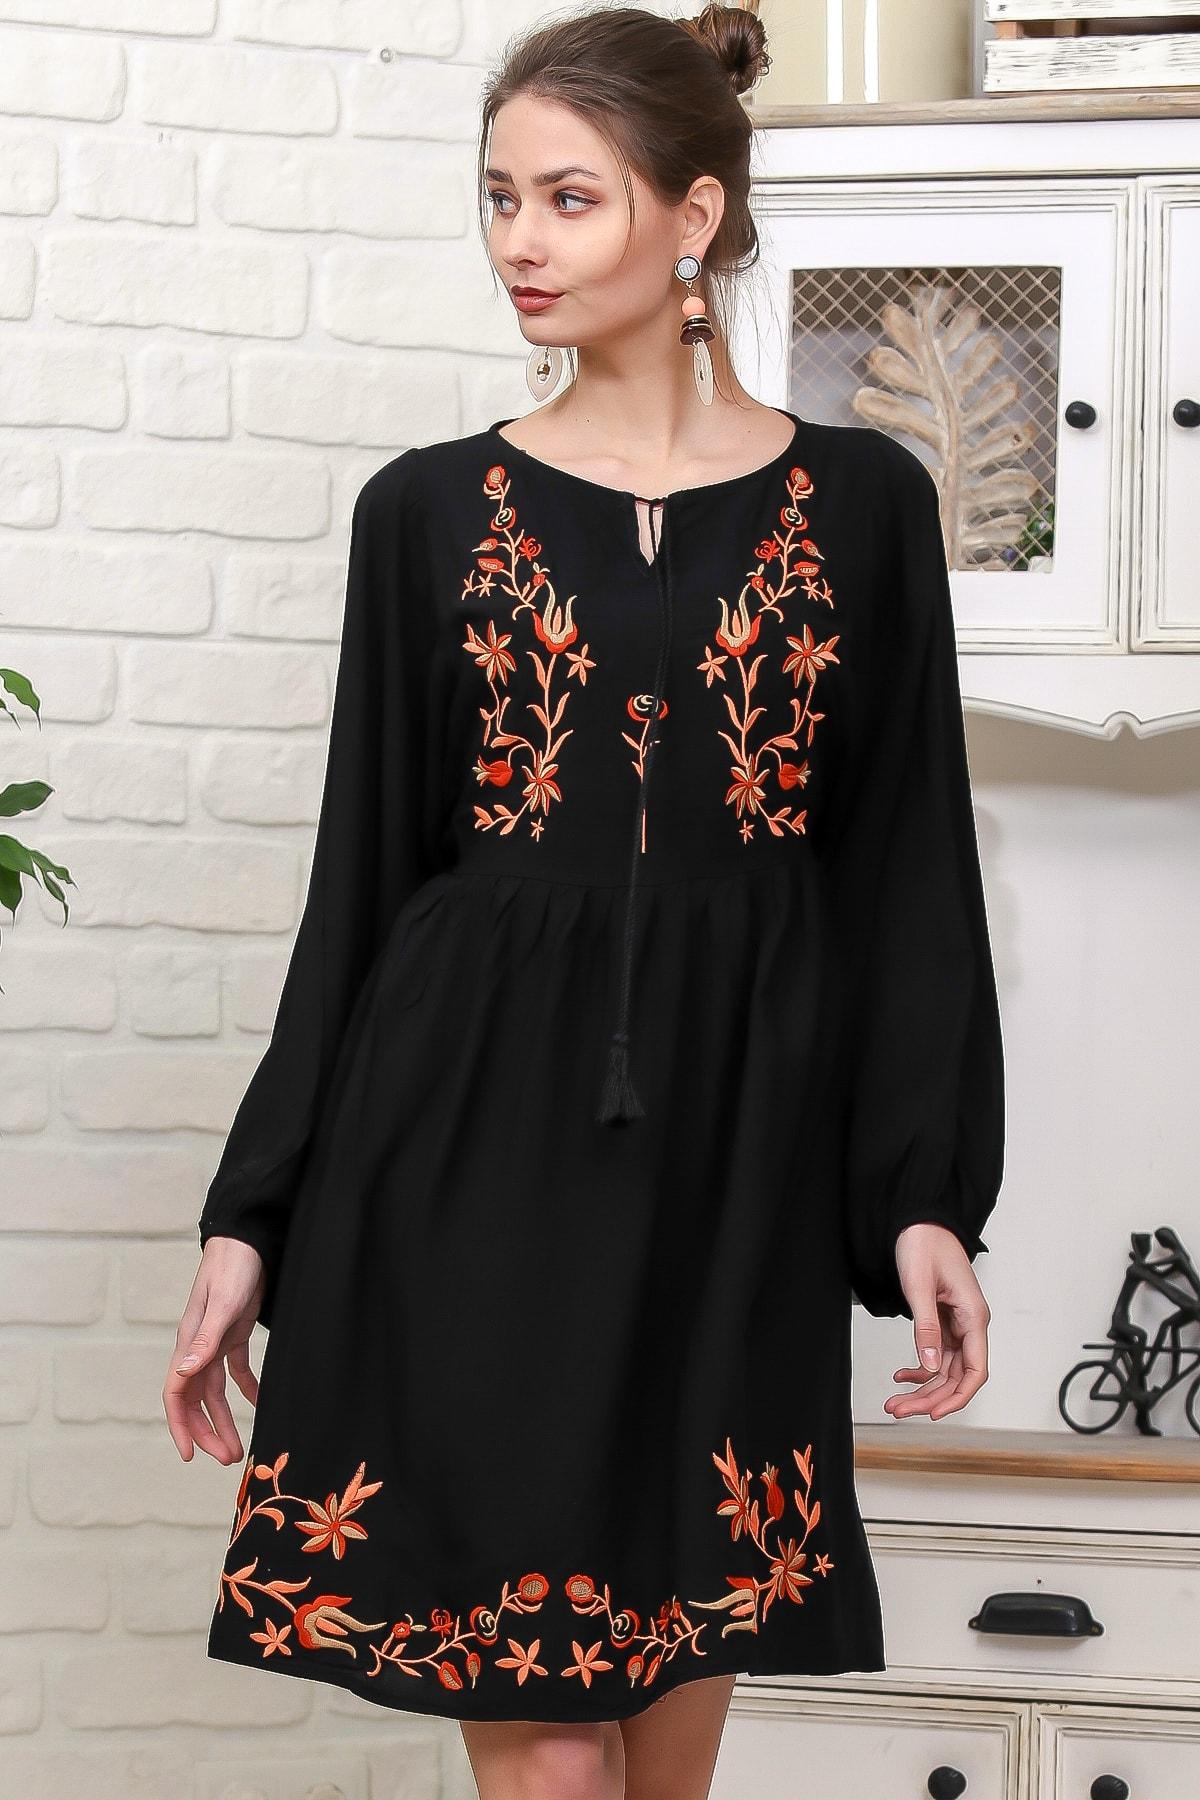 Chiccy Kadın Siyah Çiçek Nakışlı Balon Kol Dokuma Salaş Elbise M10160000EL95936